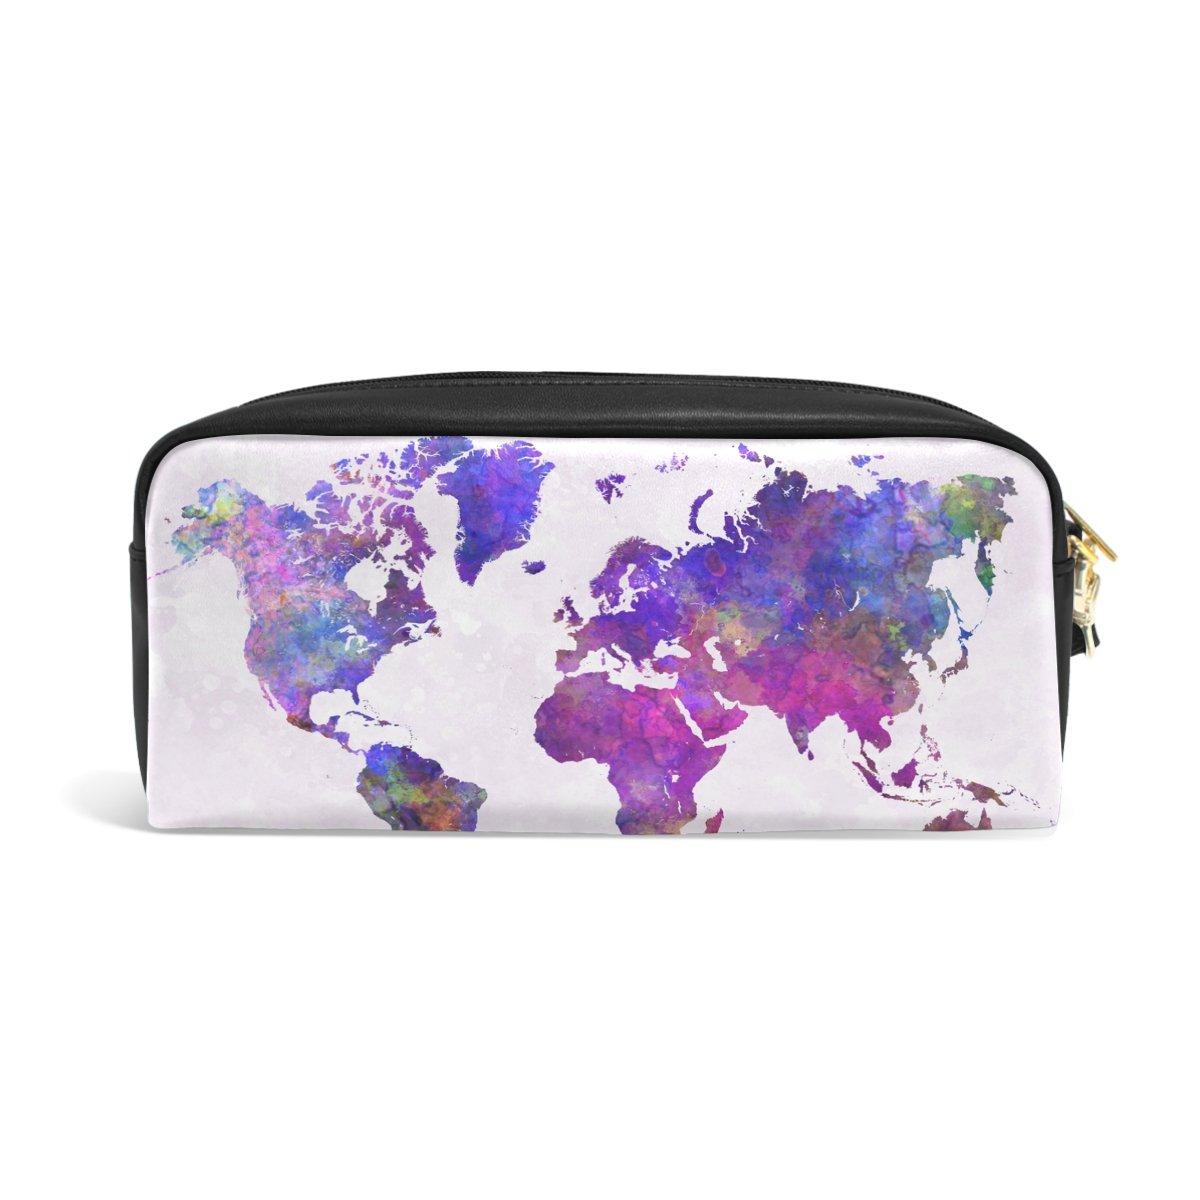 ZZKKO Federmappe mit abstraktem Wasserfarben-Welt-Motiv, Leder, mit Reiß verschluss, fü r Schreibwaren und Make-up 2628037p154c172s258